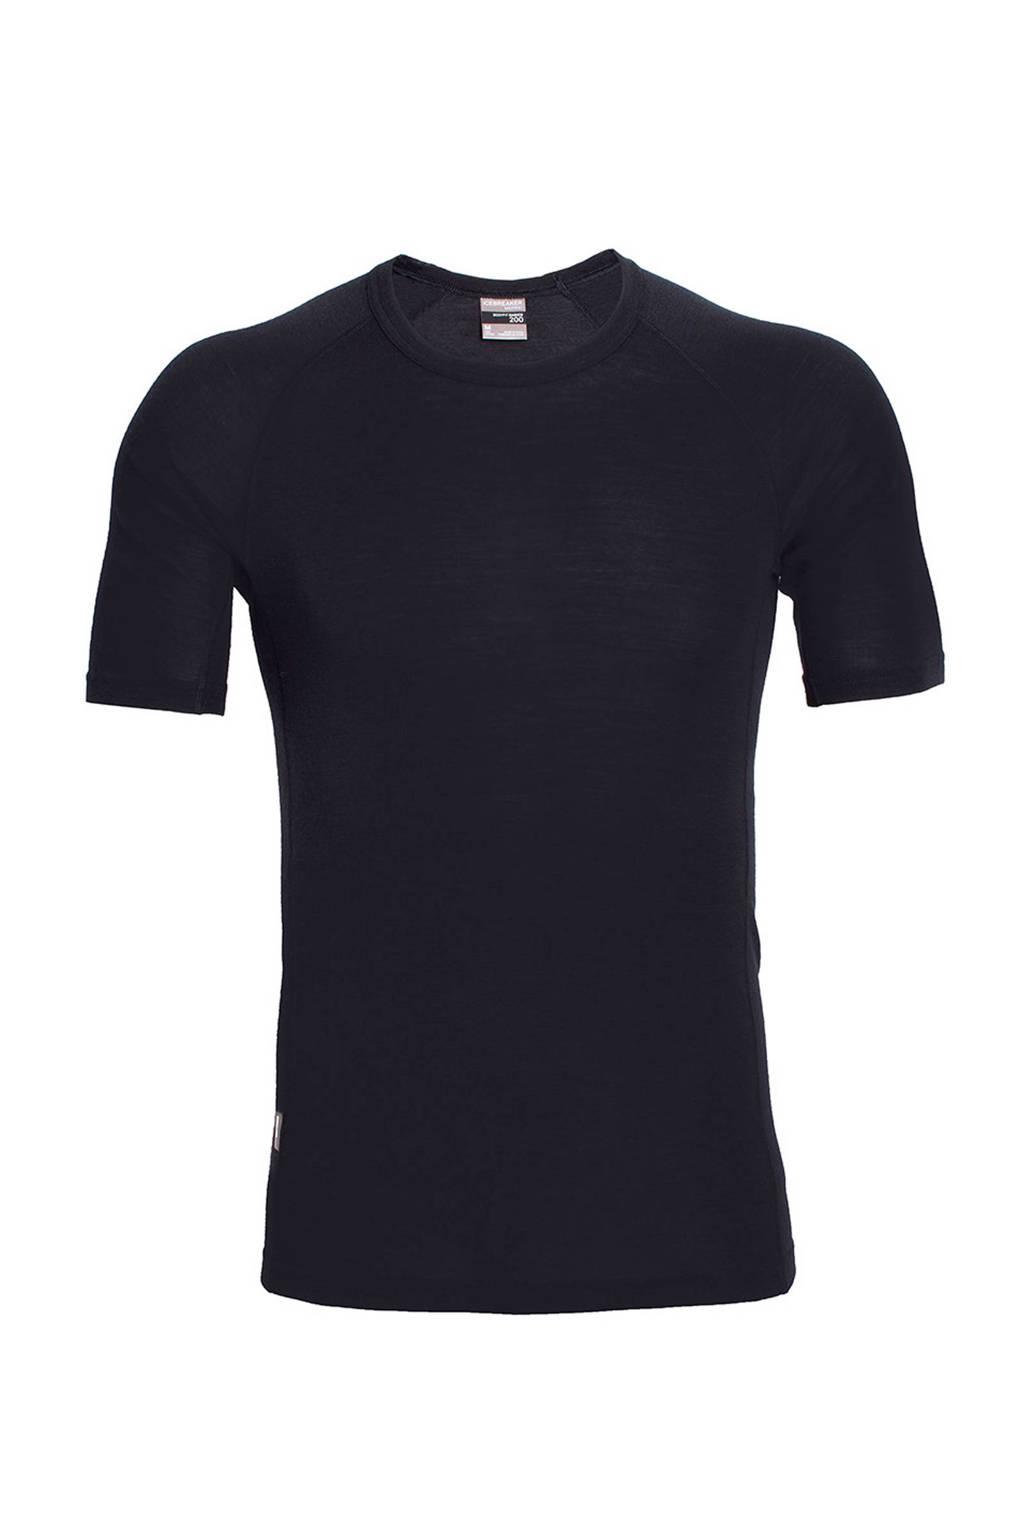 Icebreaker Everyday Crewe merino wollen thermo T-shirt, Zwart